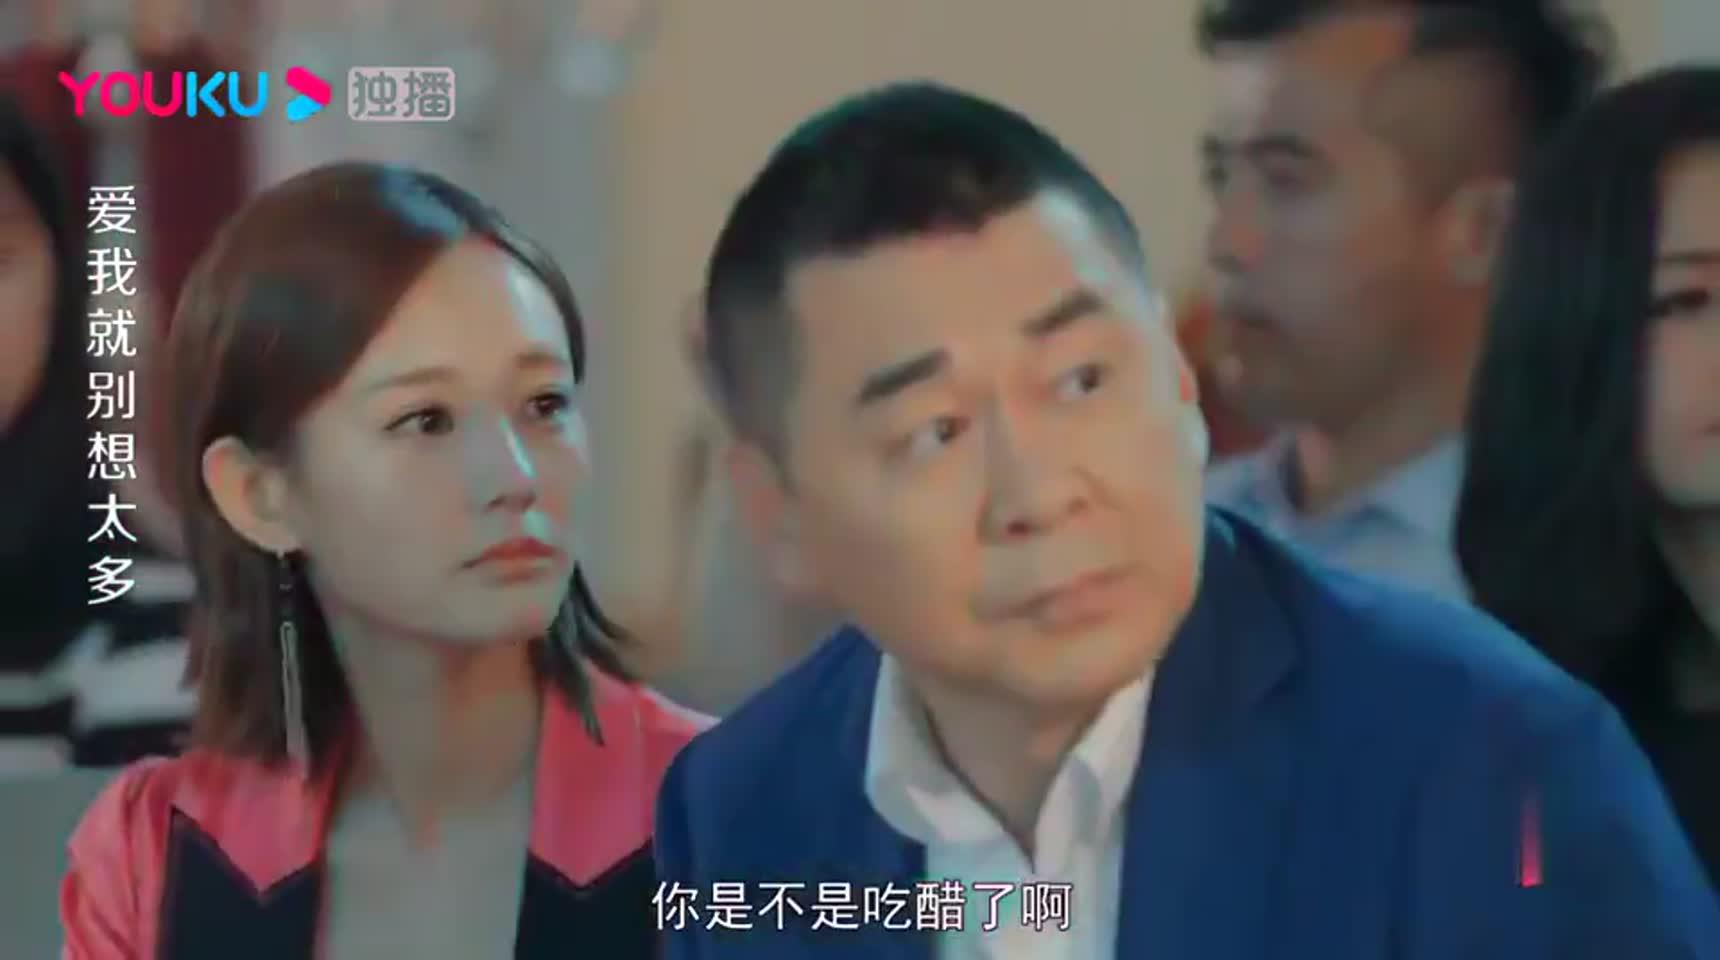 小娇妻要跟别的男人约会,总裁瞬间不淡定了,立马跑去宣誓主权!